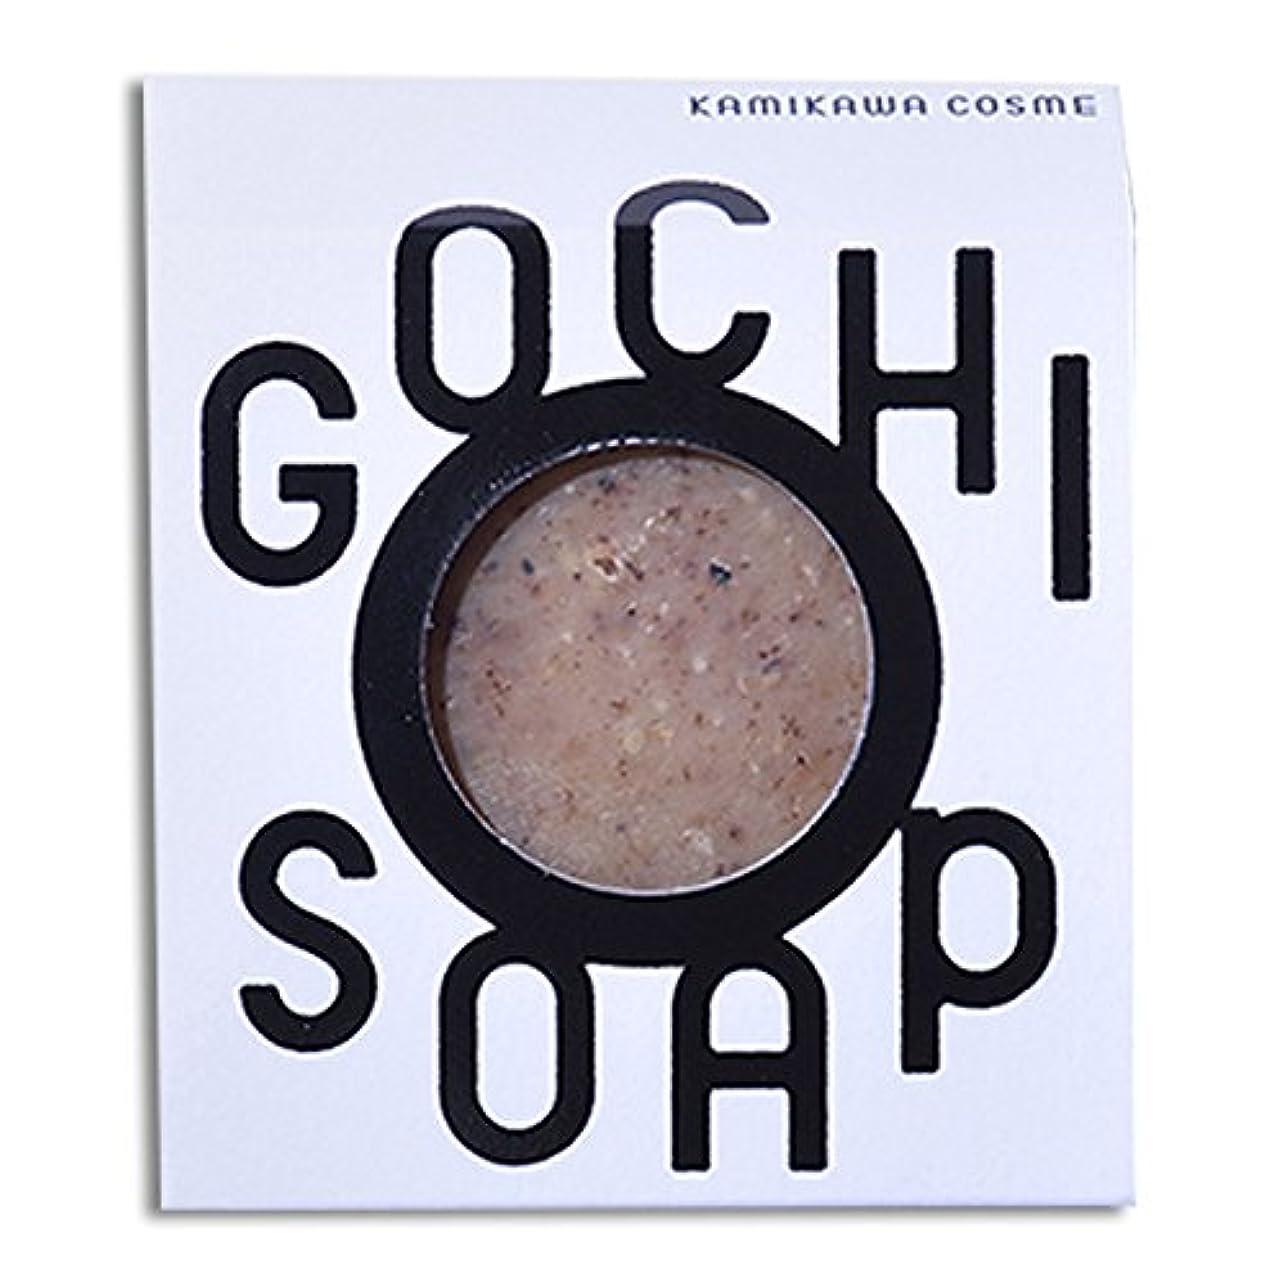 象遡るお酒道北の素材を使用したコスメブランド GOCHI SOAP(上森米穀店の黒米ぬかソープ?谷口農場のトマトソープ)各1個セット